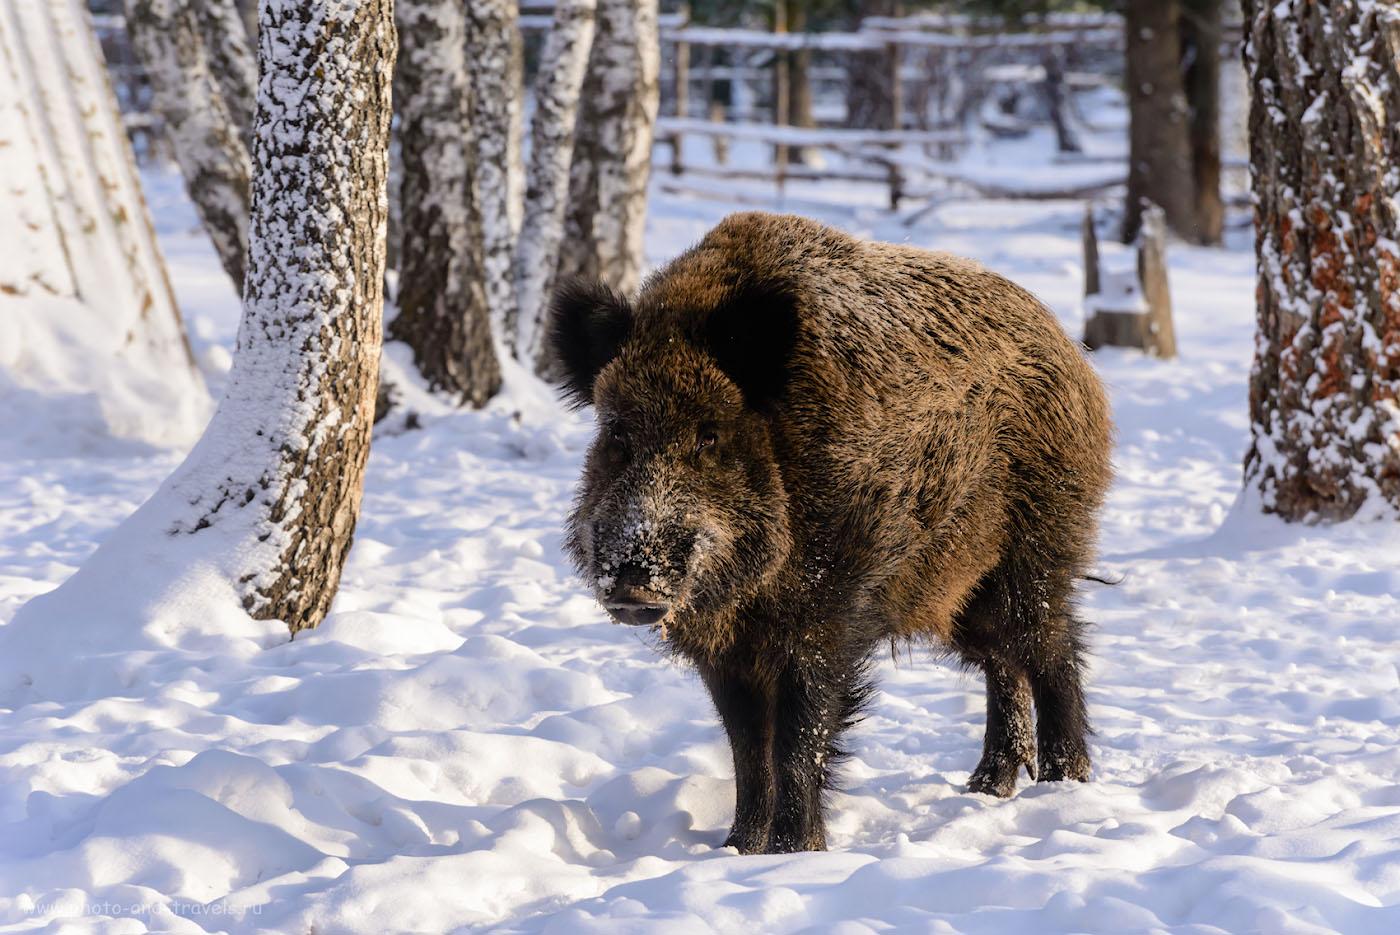 """Фото 31. Дикий кабан на оленьей ферме """"Медвежья радость. Отзыв об экскурсии в Национальный парк Зюраткуль. 1/320, +0.33, 8.0, 500, 185."""